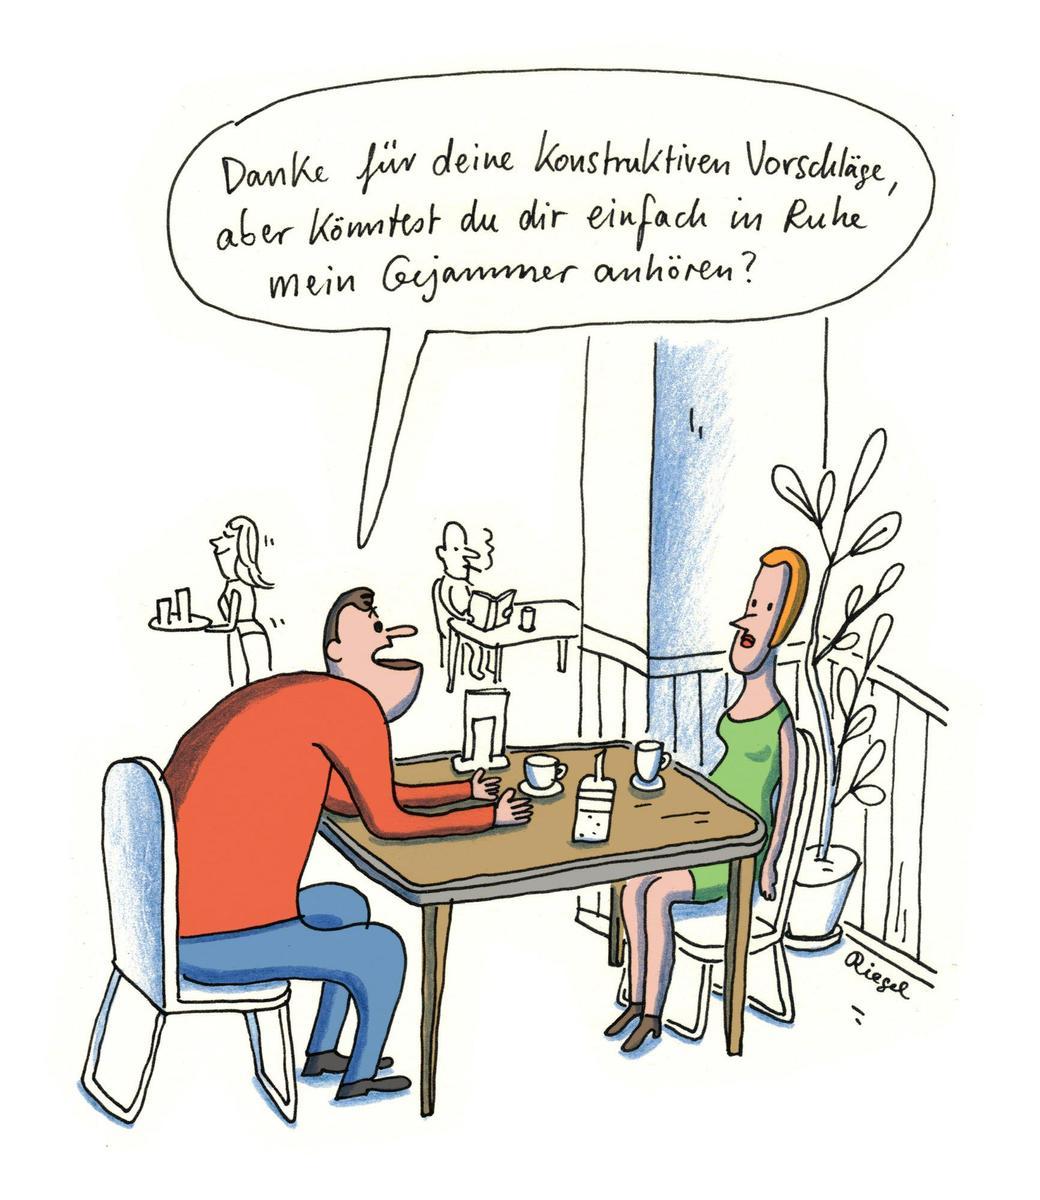 Gibt es mehr single frauen oder männer in Deutschland? (Liebe, Sex, Beziehung)